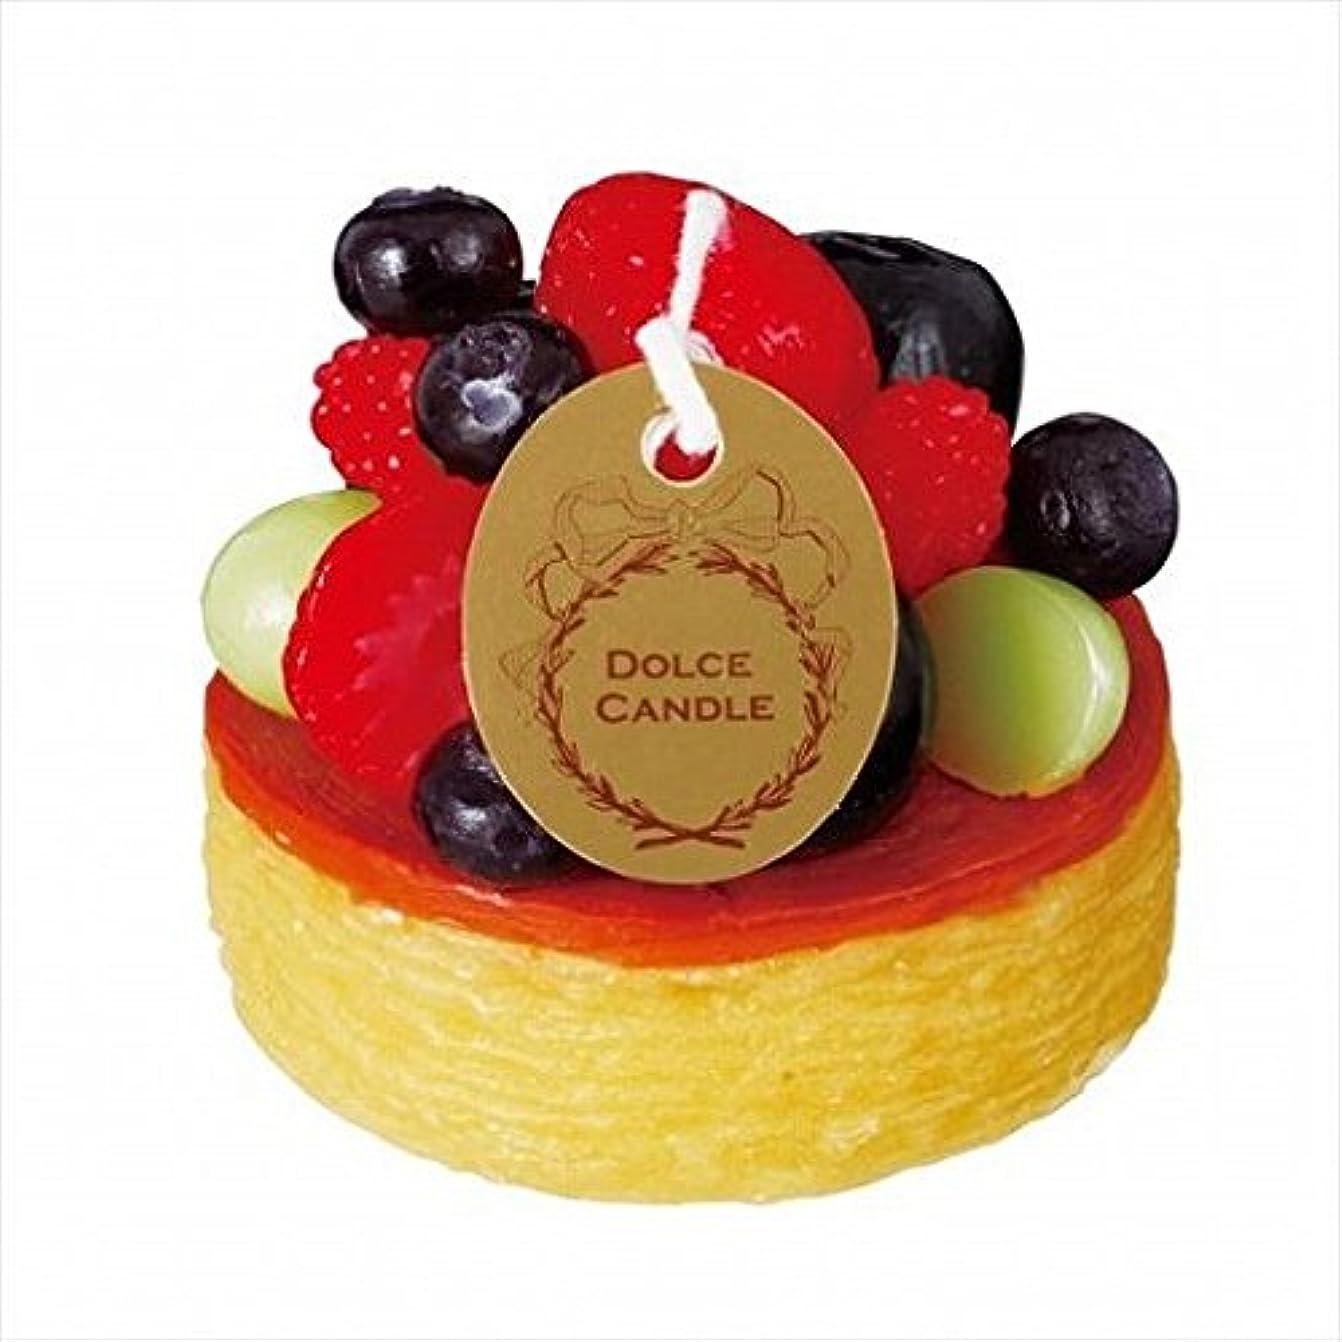 からに変化する休暇関係sweets candle(スイーツキャンドル) ドルチェキャンドル 「 フルーツタルト 」 キャンドル 62x62x53mm (A4340520)